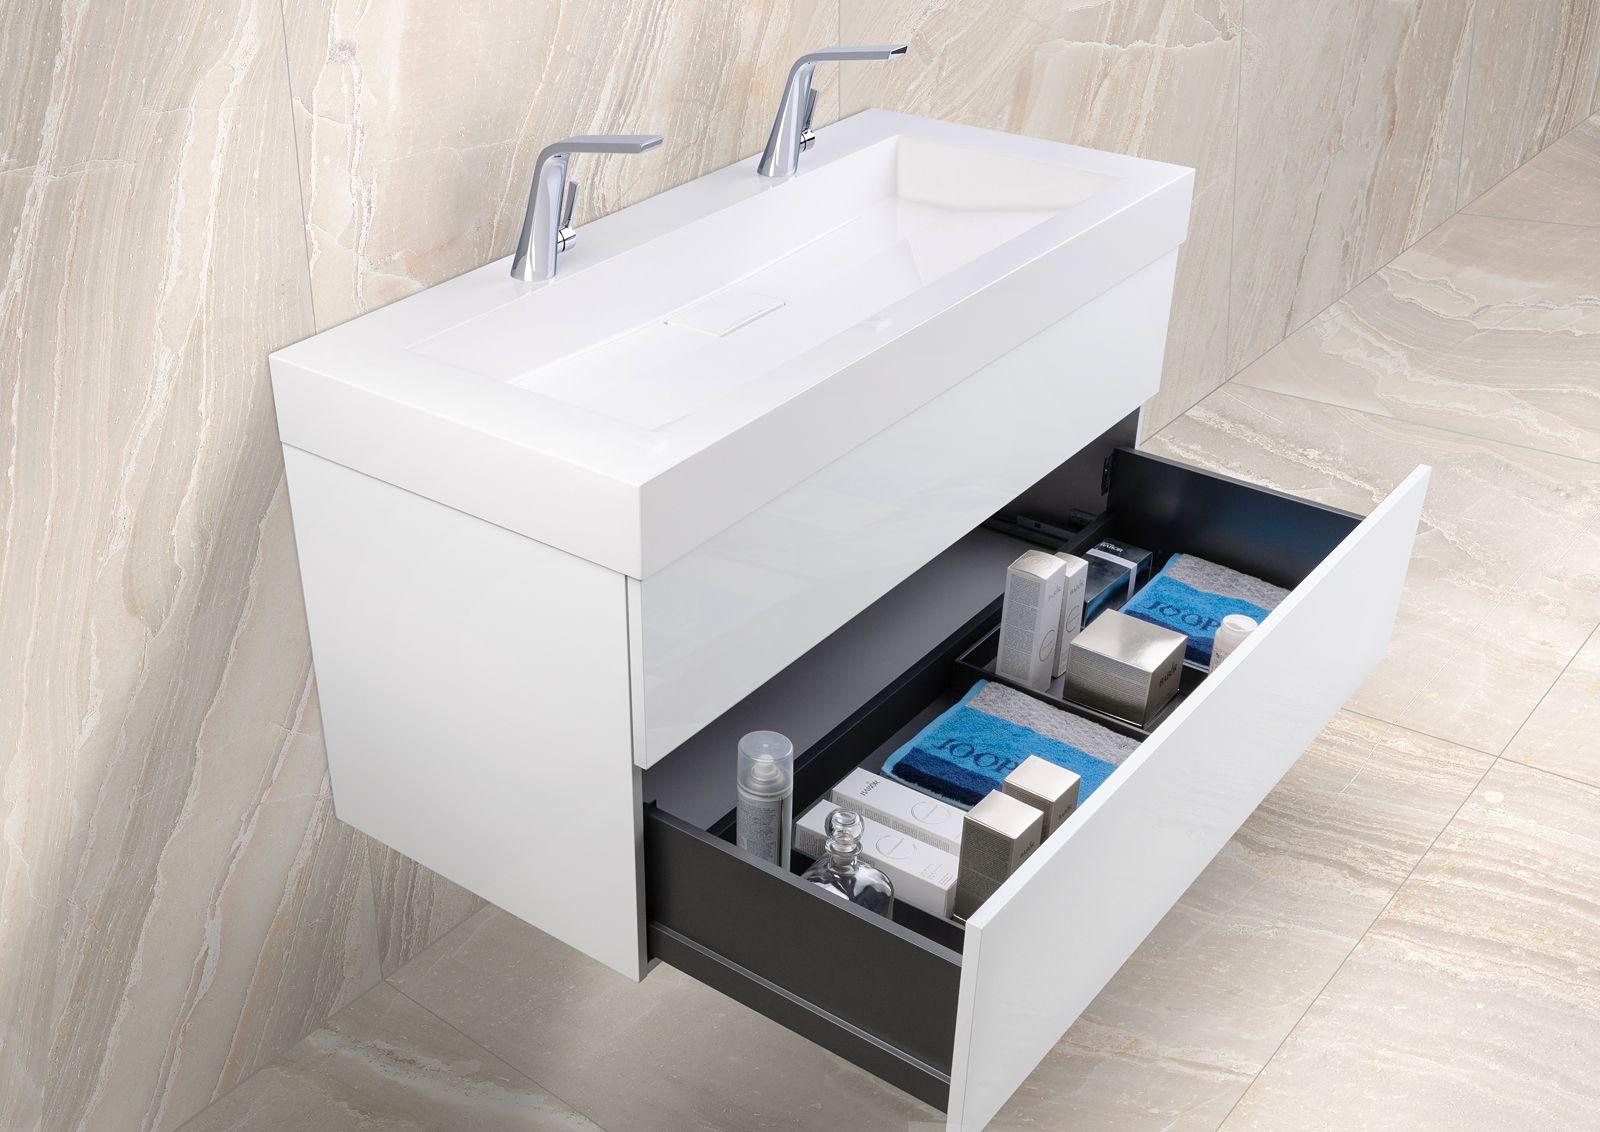 Doppelwaschtisch 120 Cm Badmobel Set Grifflos Mit Led Lichtspiegel Intarbad Lignum Mineralguss Waschtisch Waschtischunterschrank Doppelwaschtisch